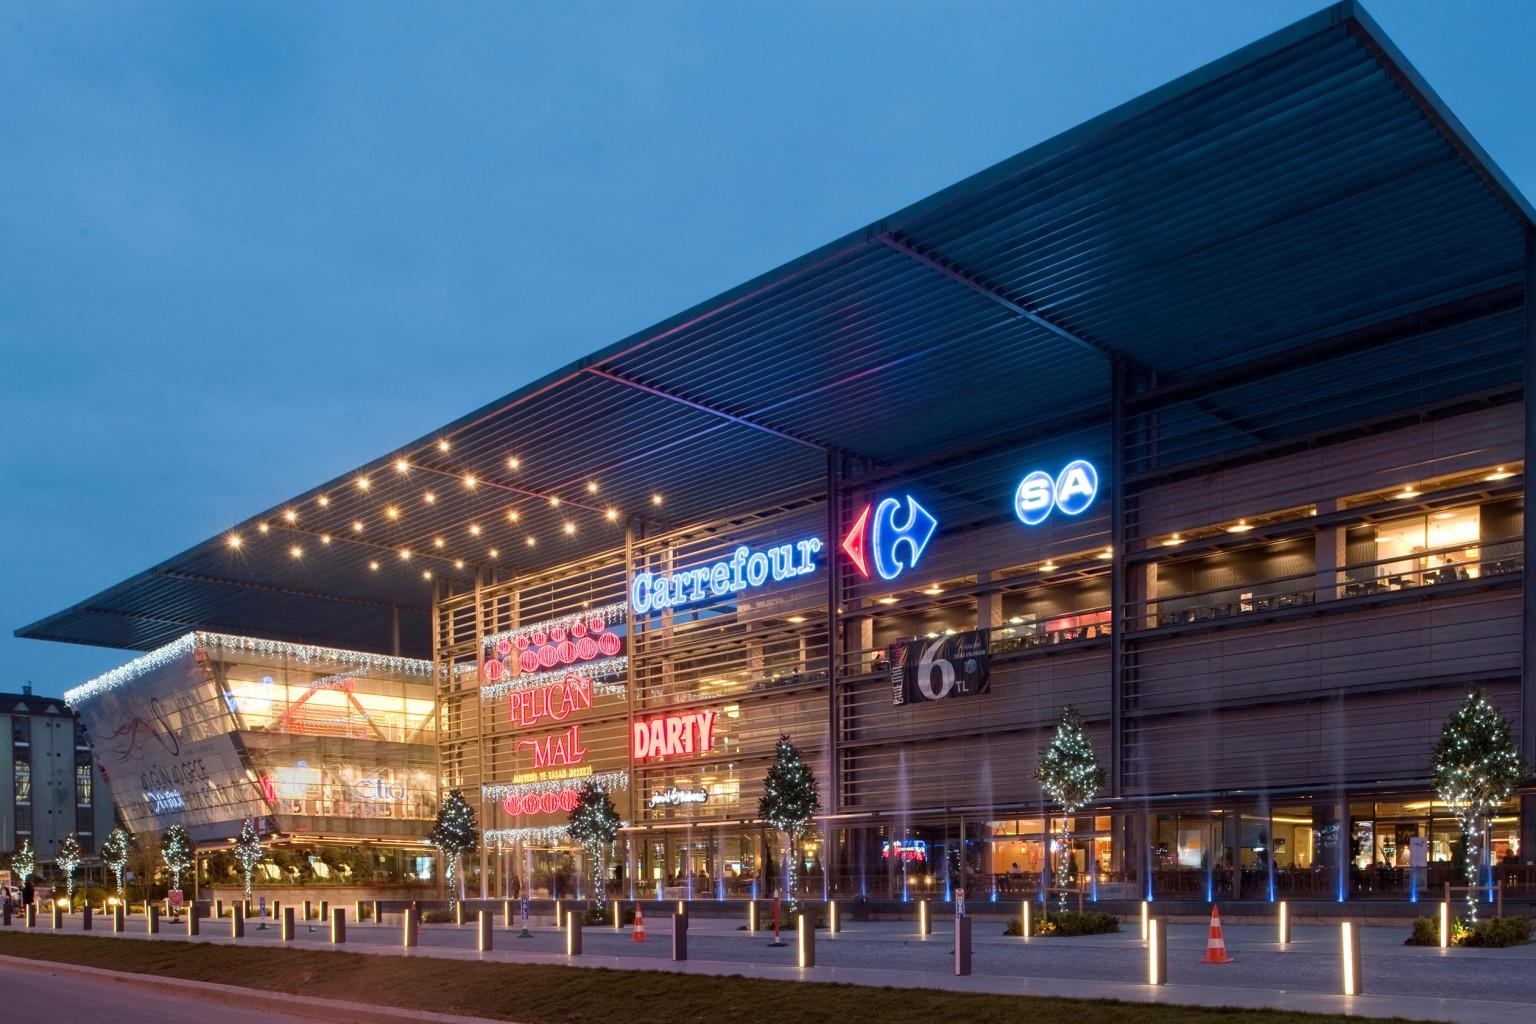 TA_TabanliogluArchitects_E5_Shopping_Center_Thomas_Mayer_3